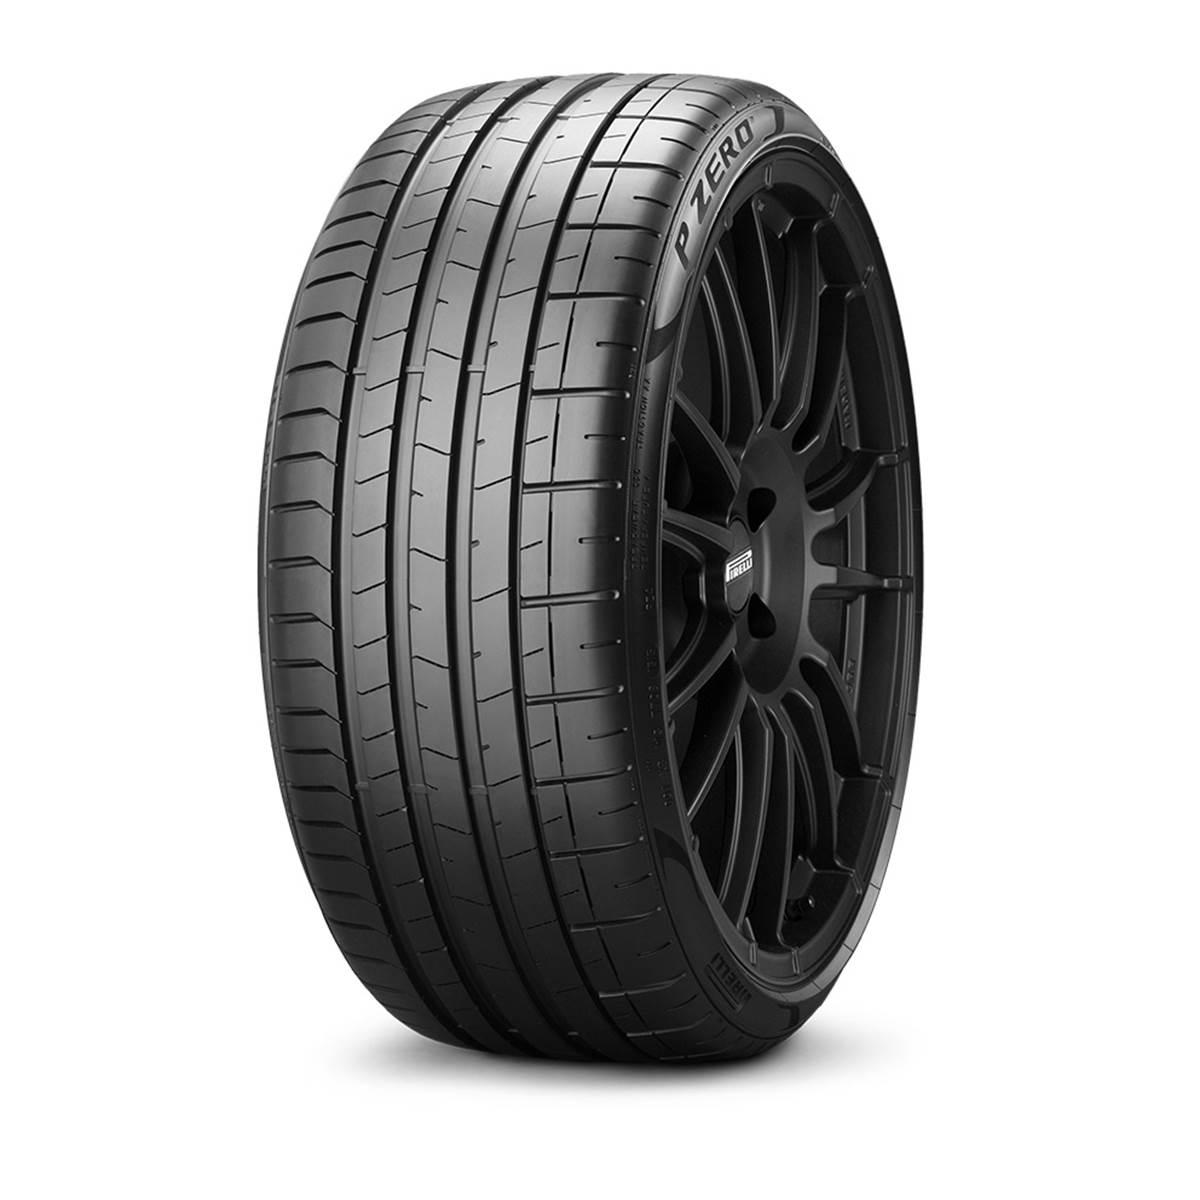 Pneu Pirelli 225/35R20 90Y Pzero XL